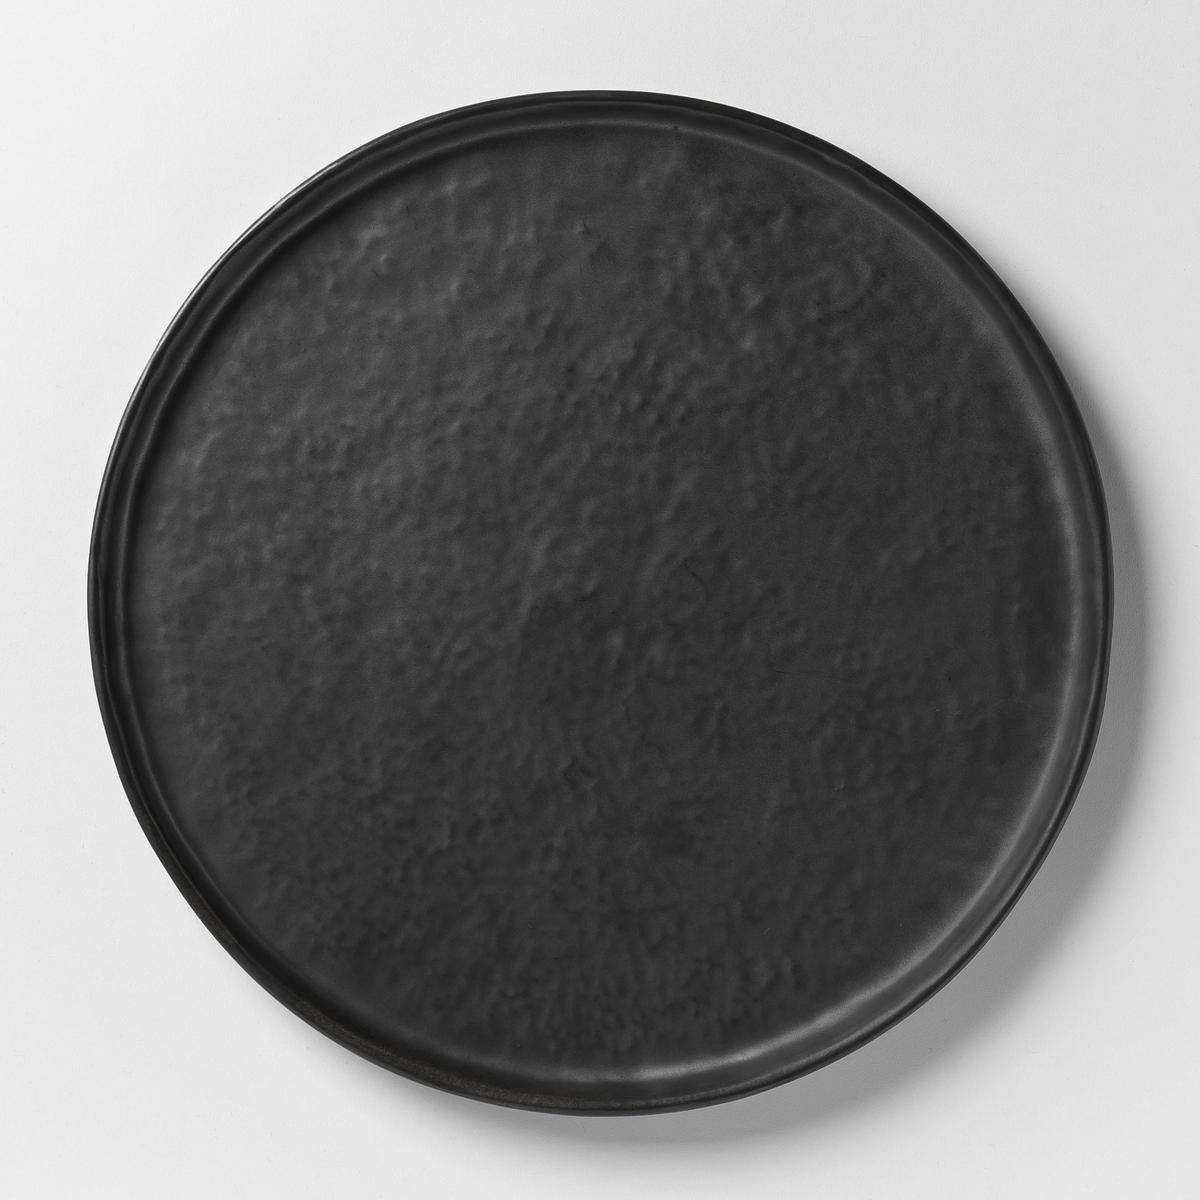 Тарелка плоская из керамики Pure design P .Нессенса, Serax тарелка pure b1012004